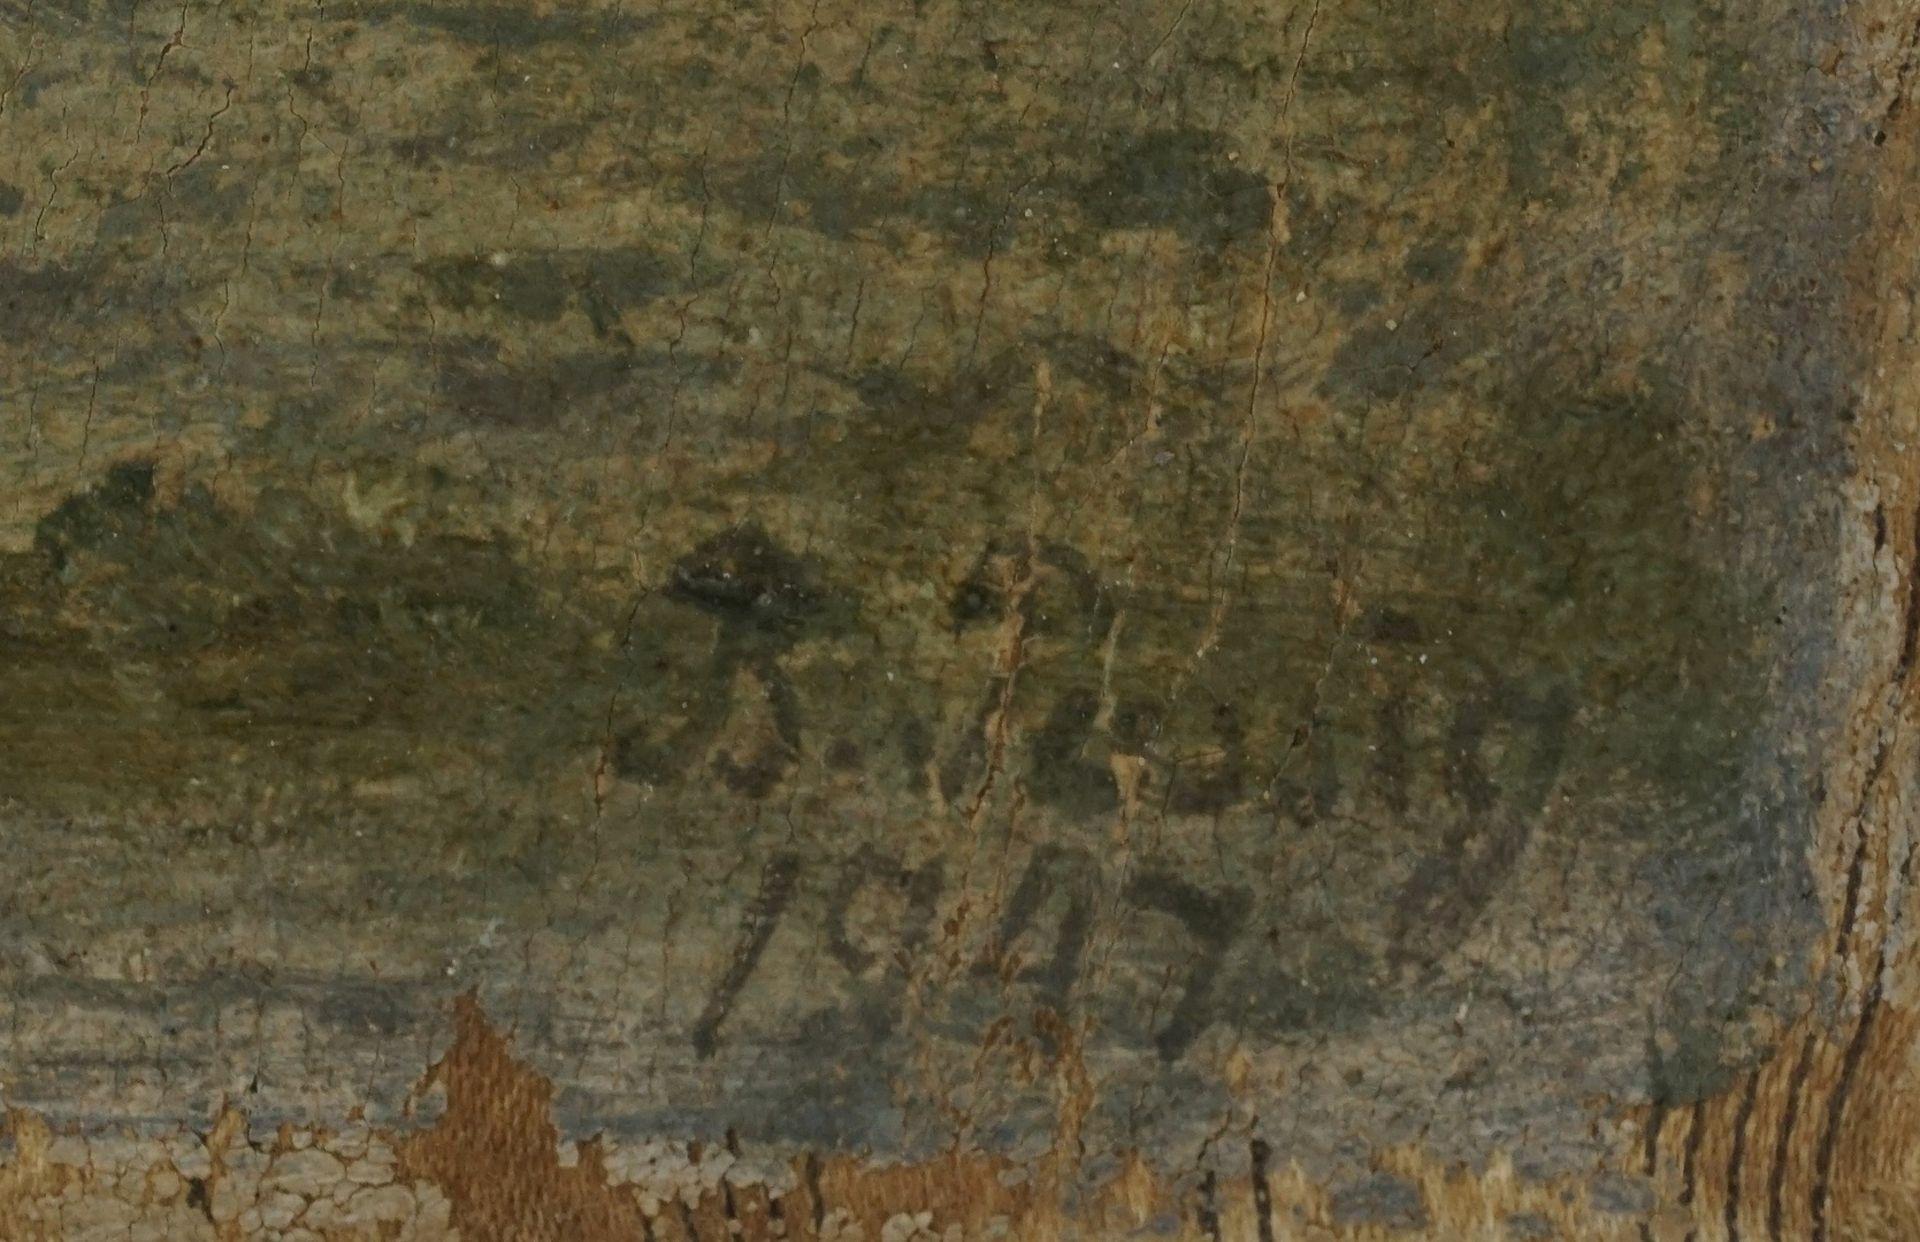 Bendix Passig, Der Maler als Attraktion - Bild 4 aus 4